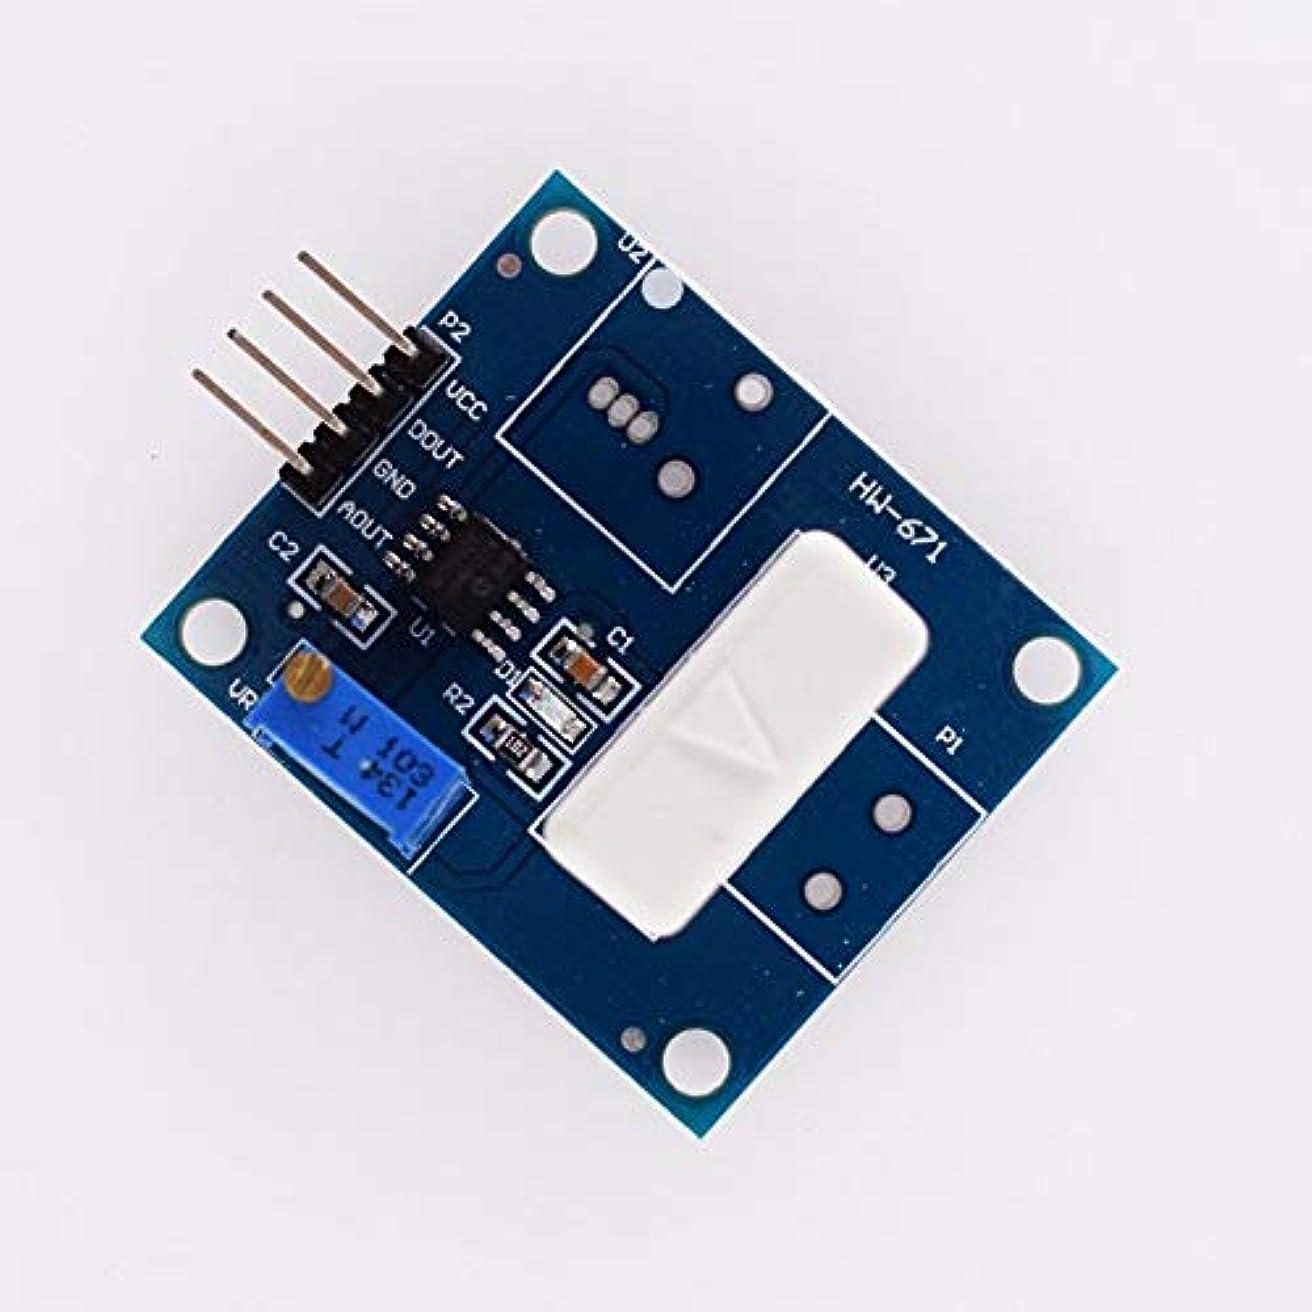 失望させる資金狐過電流信号灯をWCS1800ホール電流検出センサモジュール35A